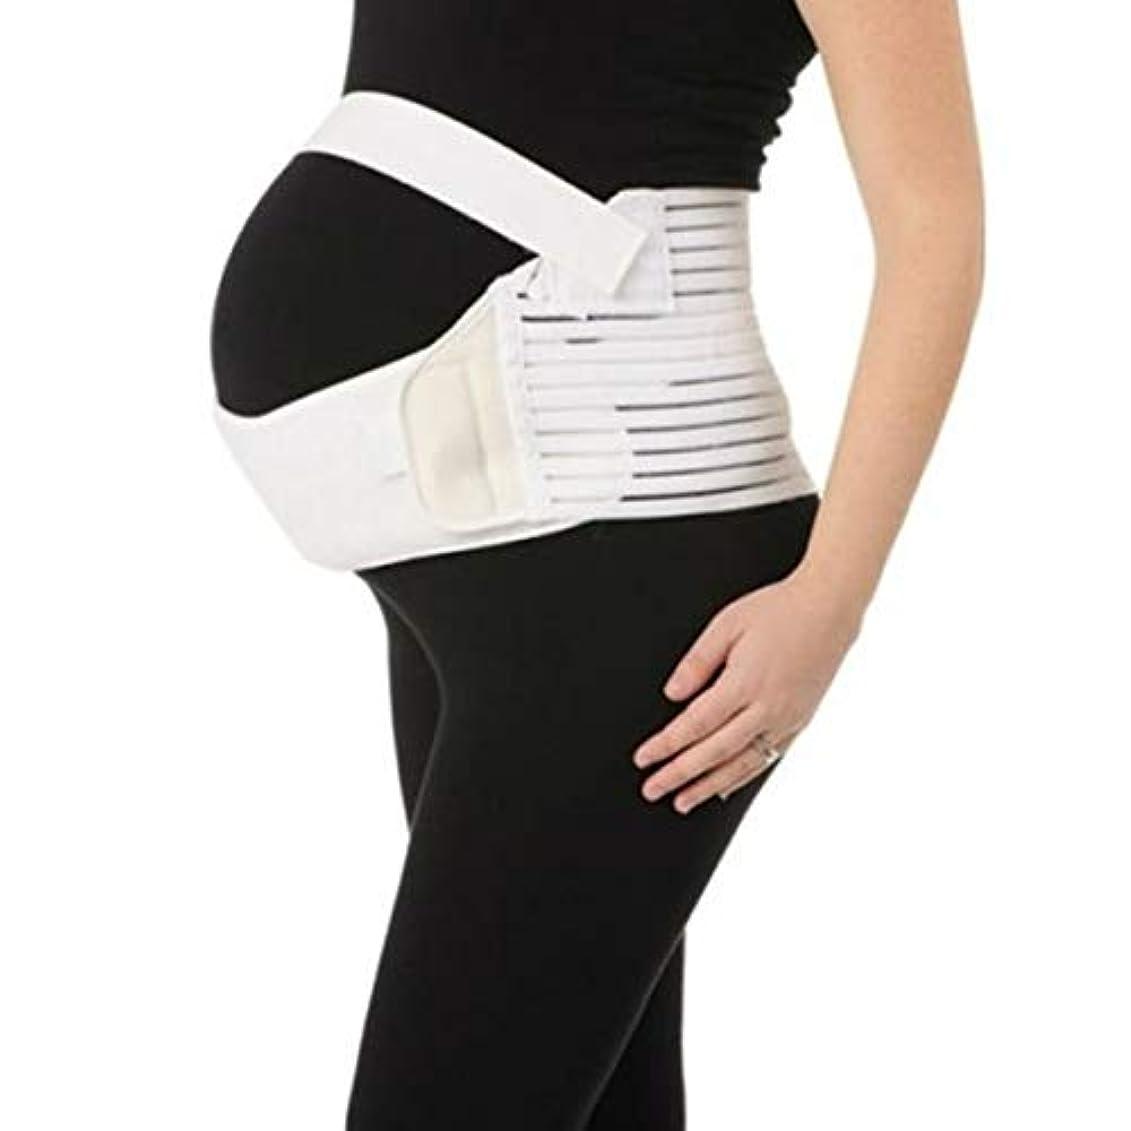 不健全バトル見かけ上通気性マタニティベルト妊娠腹部サポート腹部バインダーガードル運動包帯産後回復形状ウェア - ホワイトXL